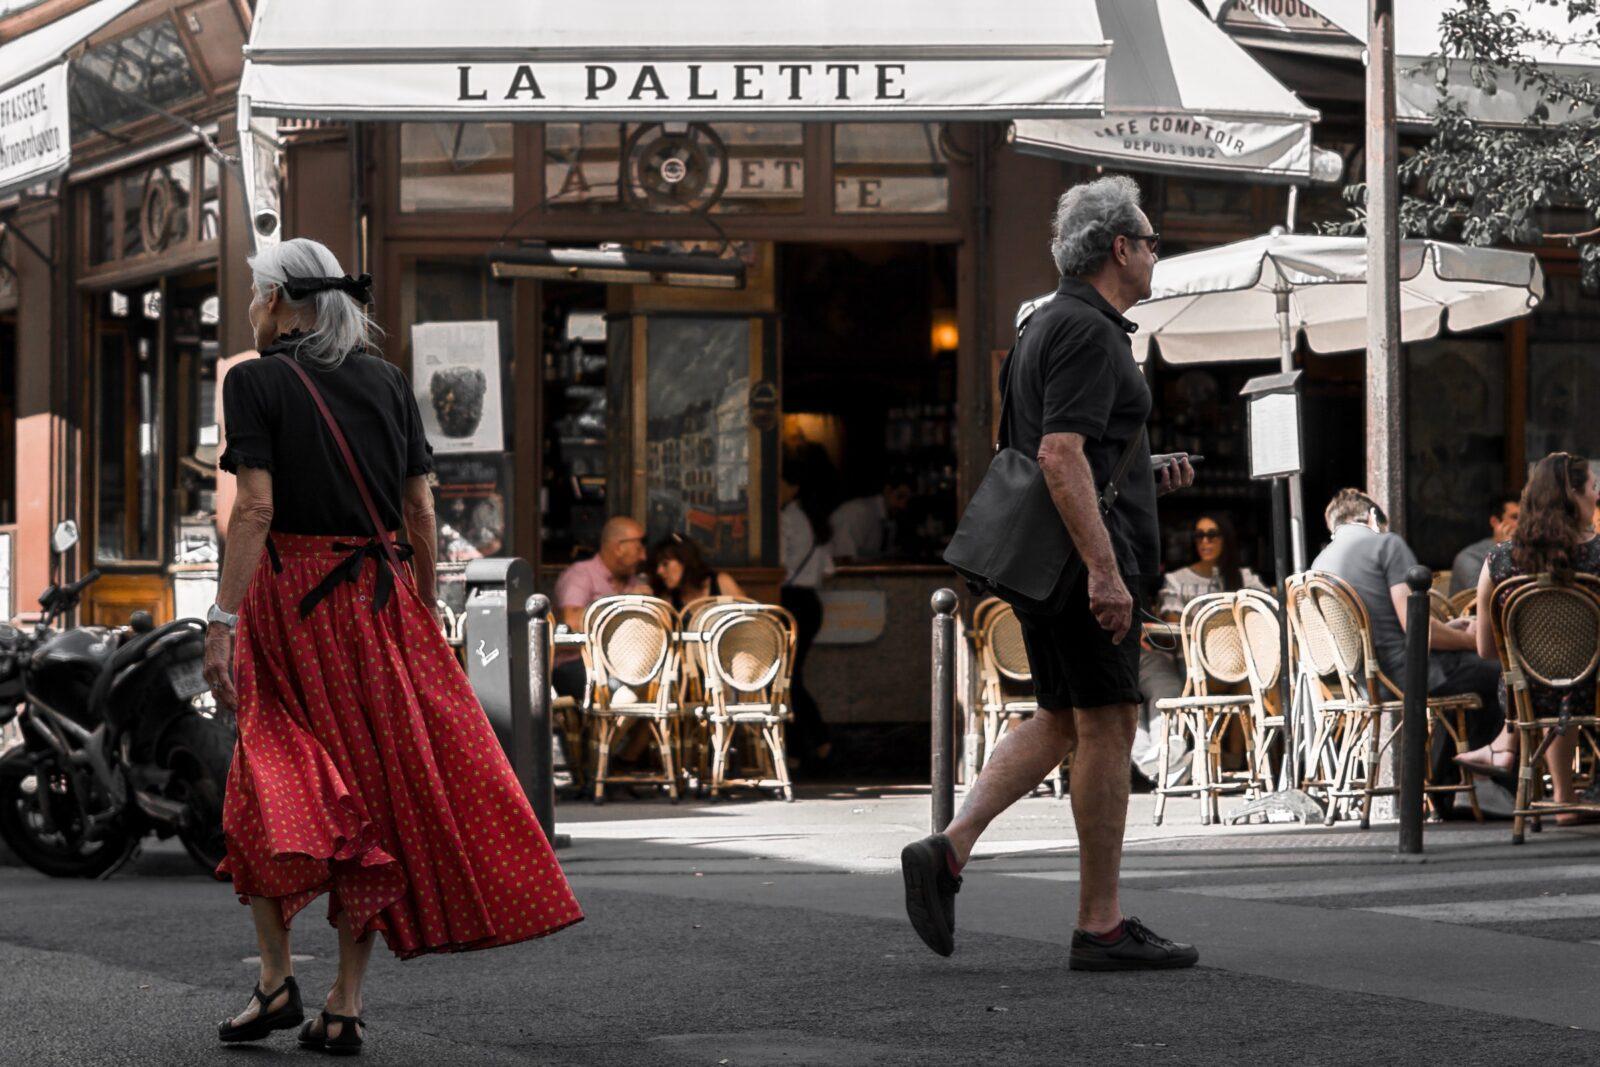 Paris 15-Minute City